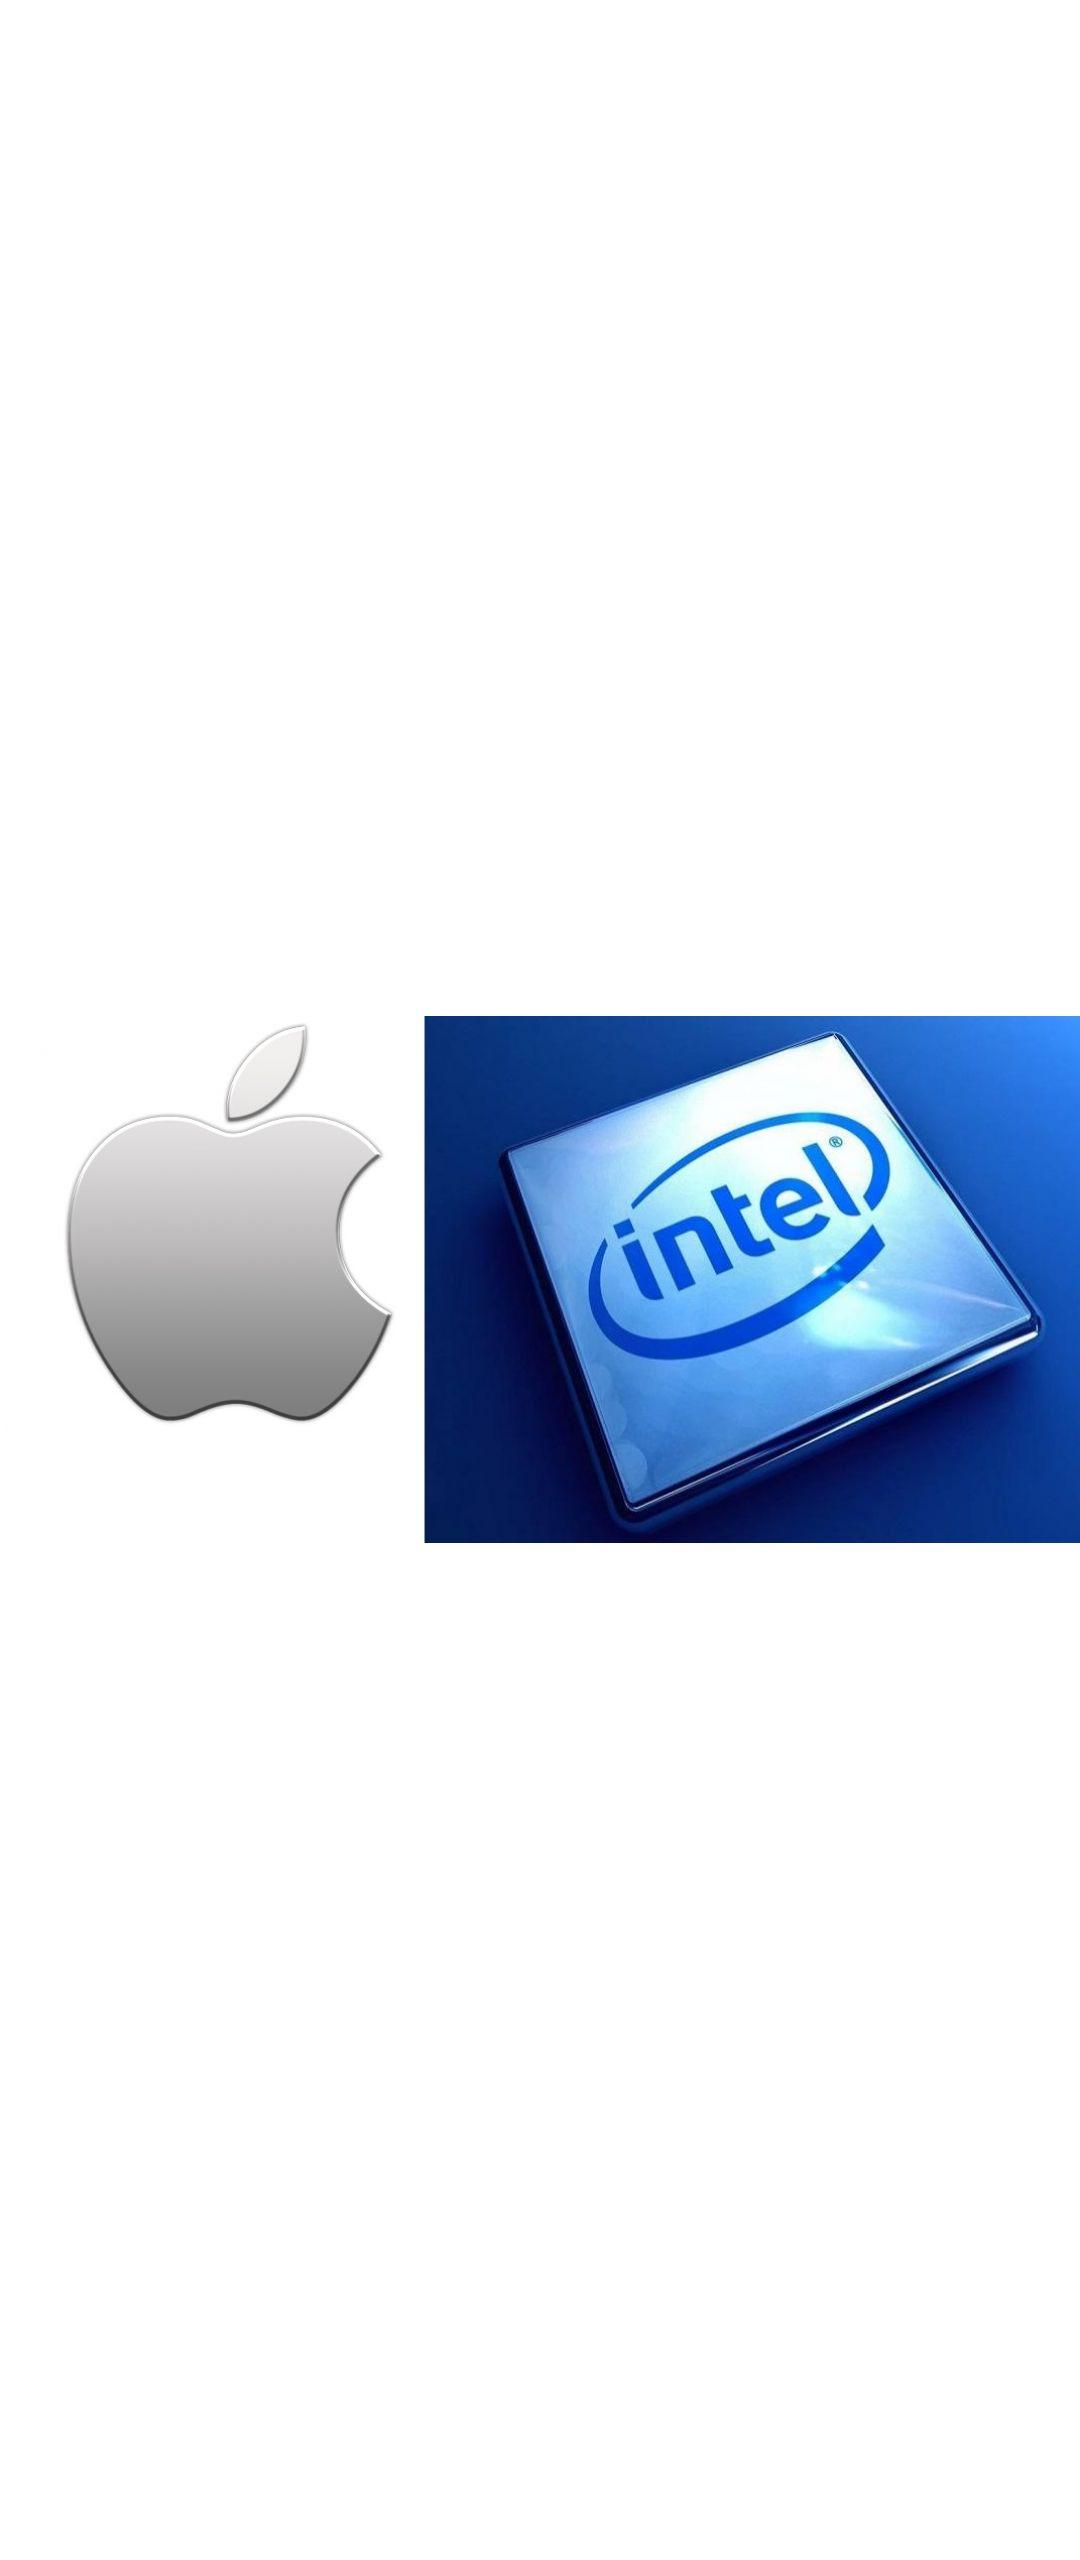 Apple busca a Intel para ponerle 5G a sus nuevos iPhone